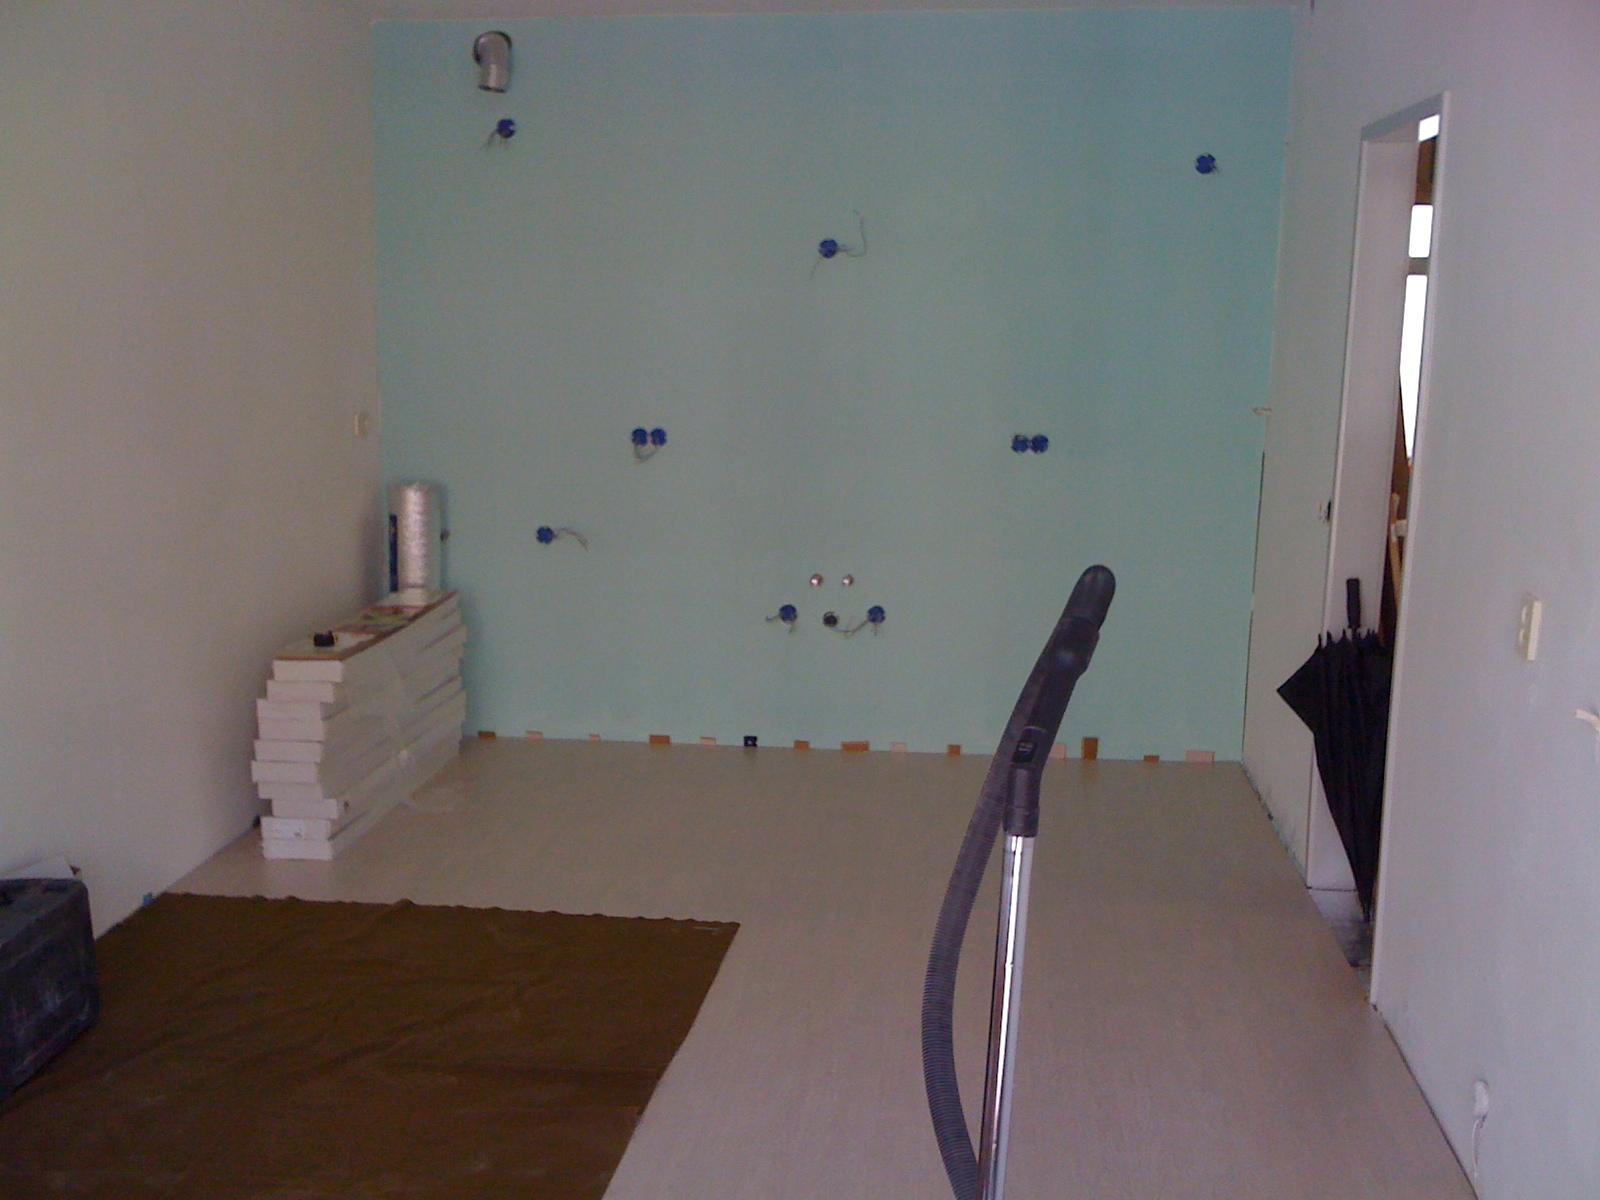 Wand gegipst en gestuct met stroompunten